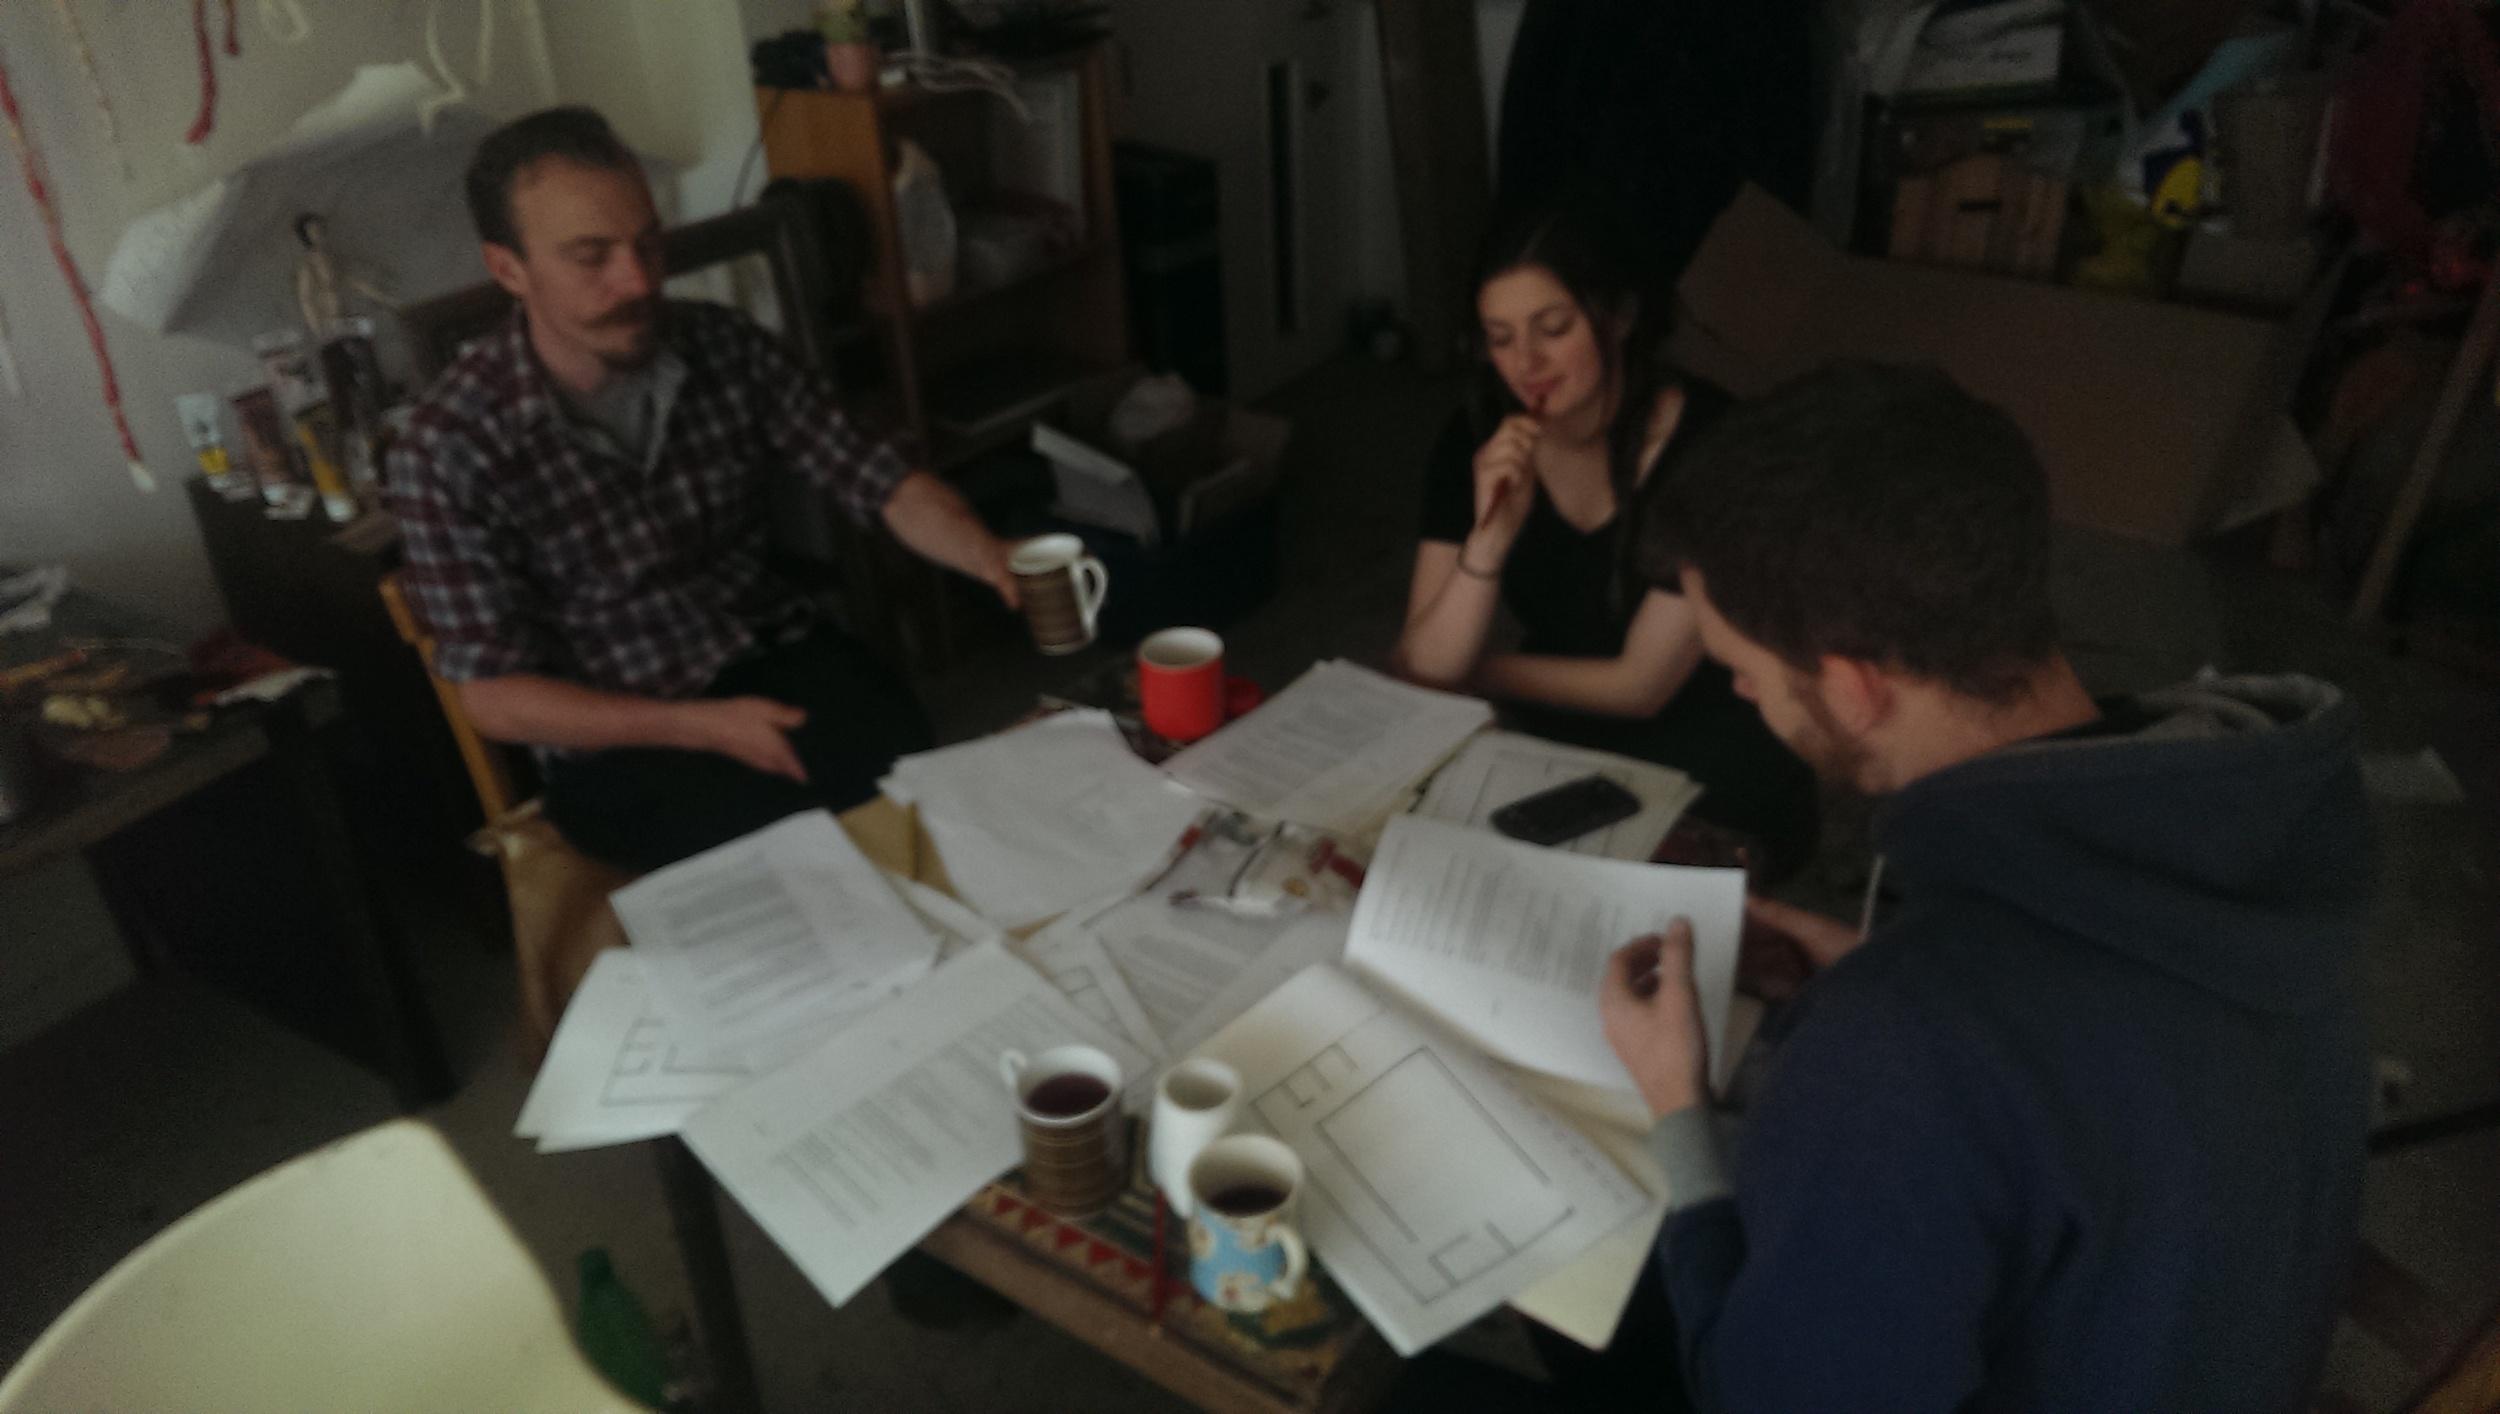 April read through in the FoulPlay Chicken Coop: Alex Mannion-Jones, Annie Brooks, & Jack Stigner